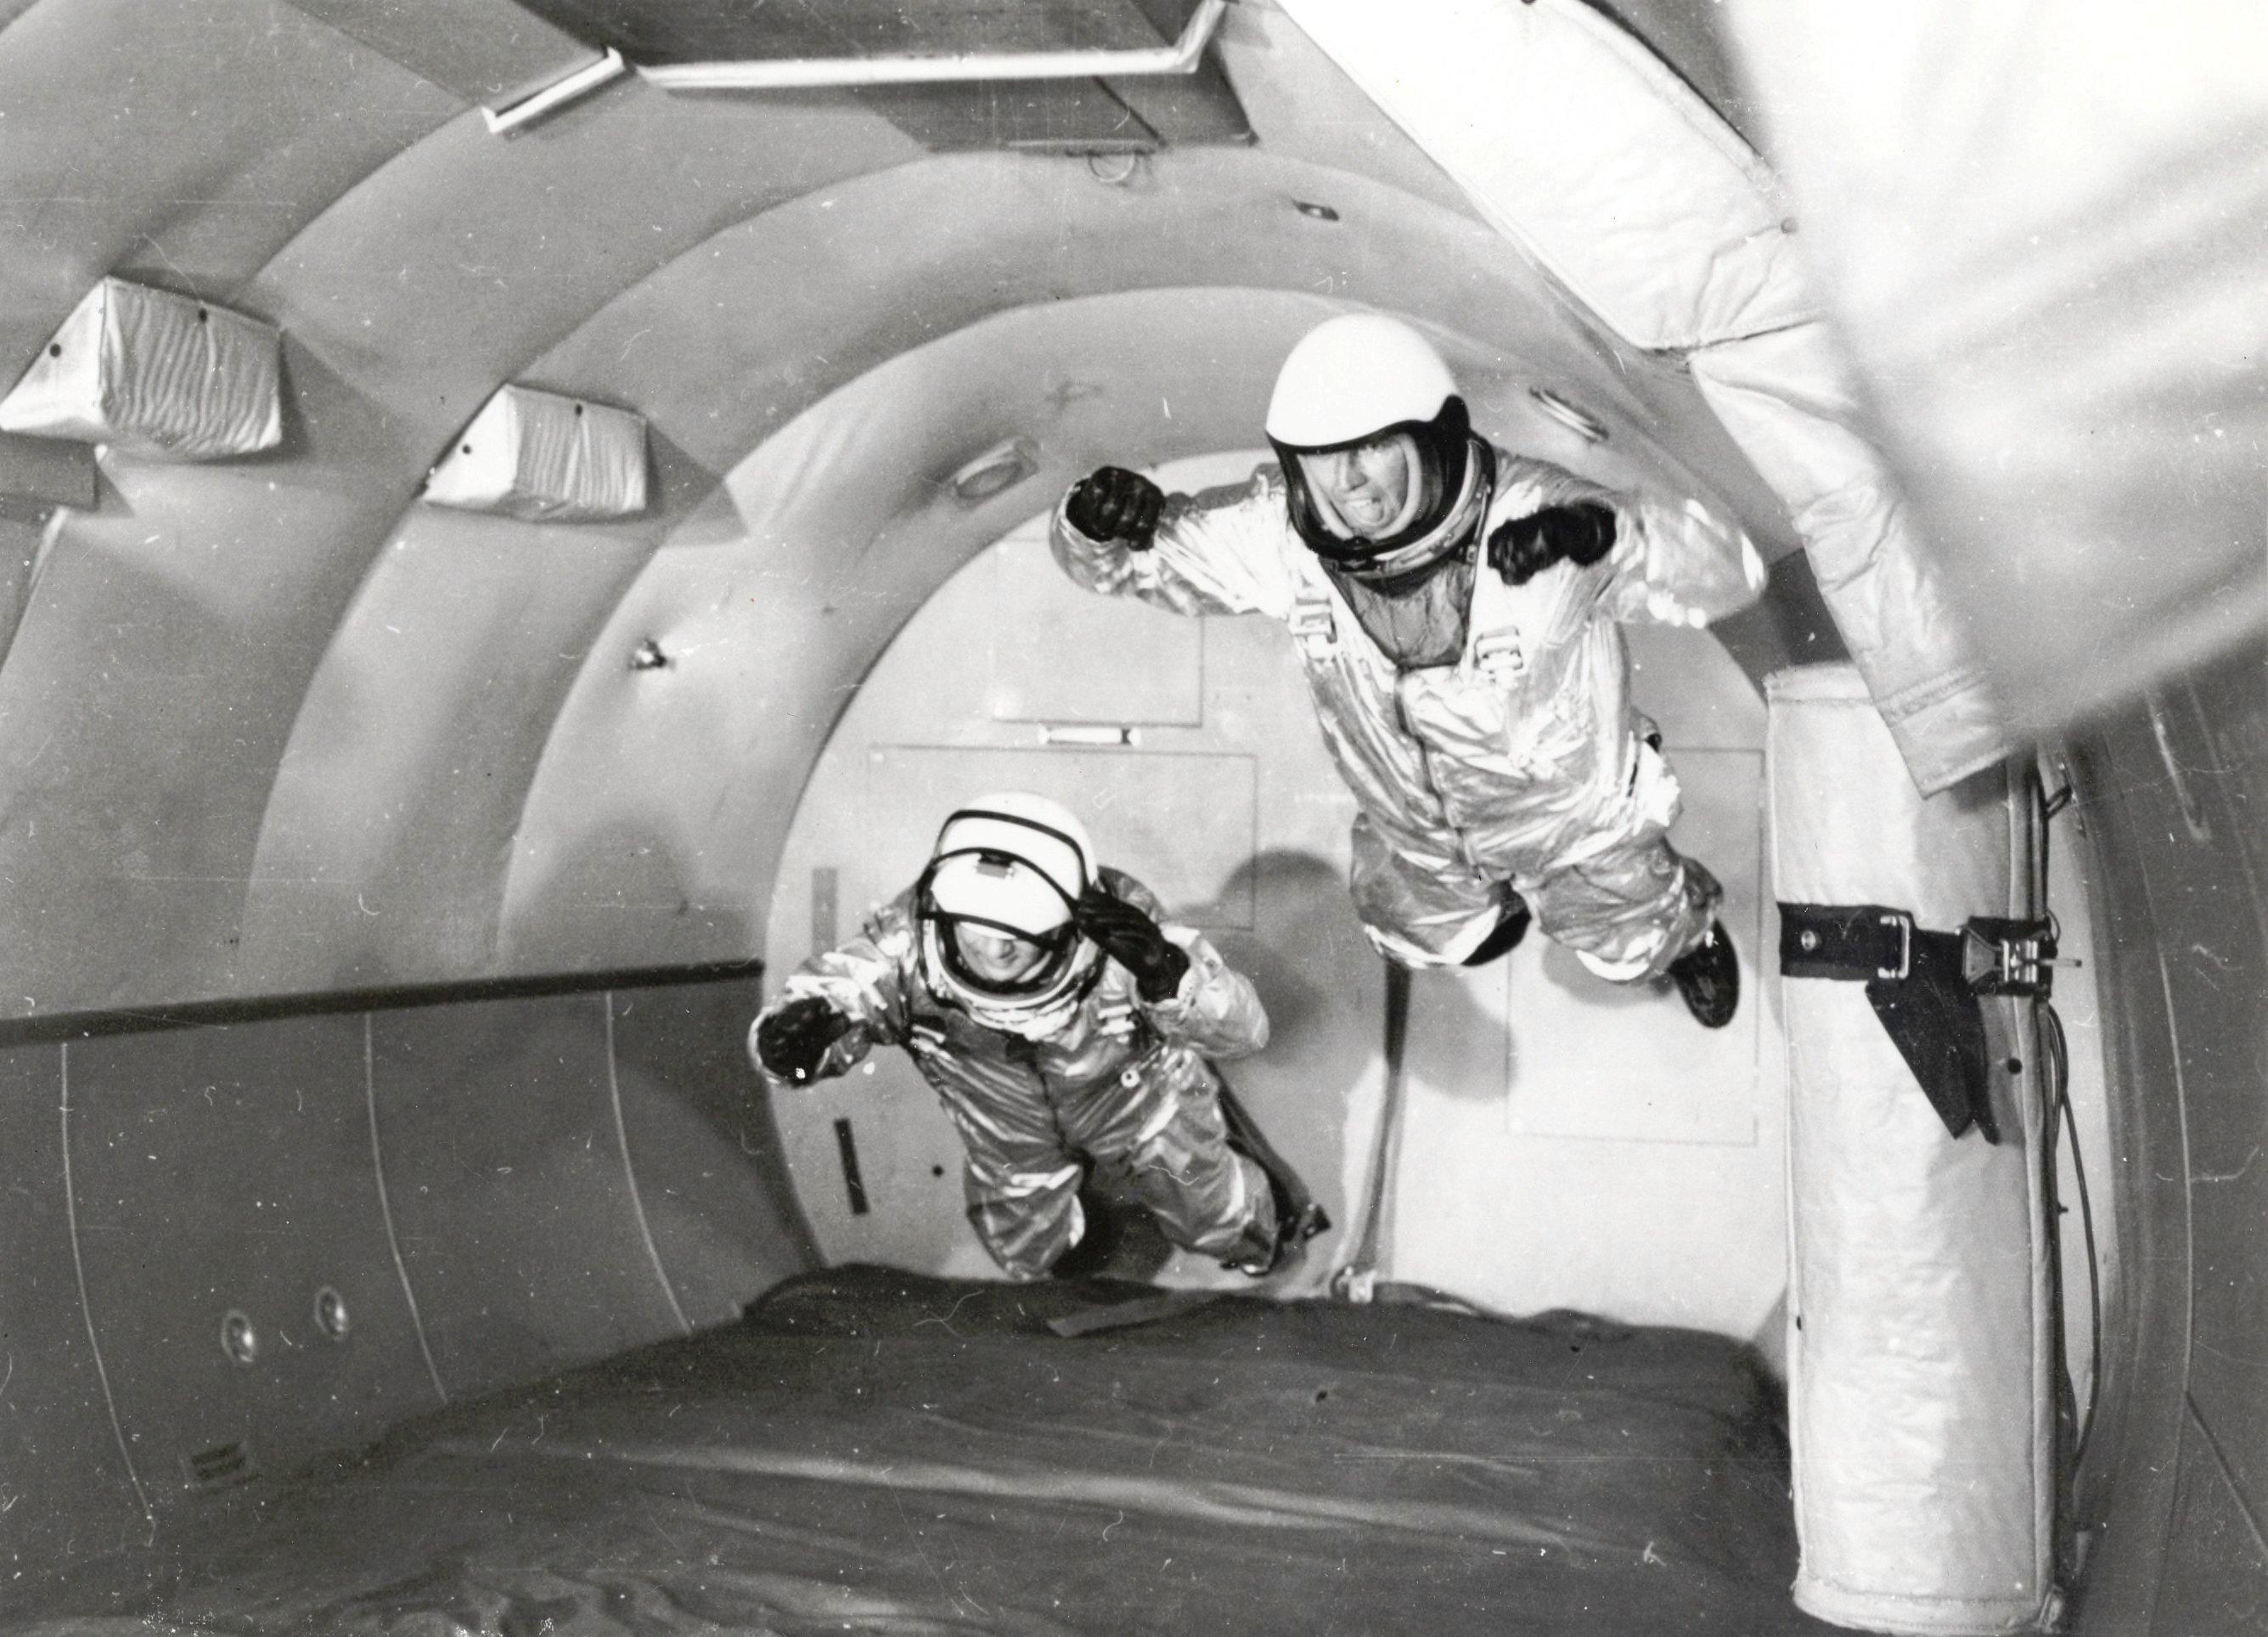 Astronautes du Programme Mercury sur un C-131 en vol parabolique, 1959 - NASA - Wikimedia Commons